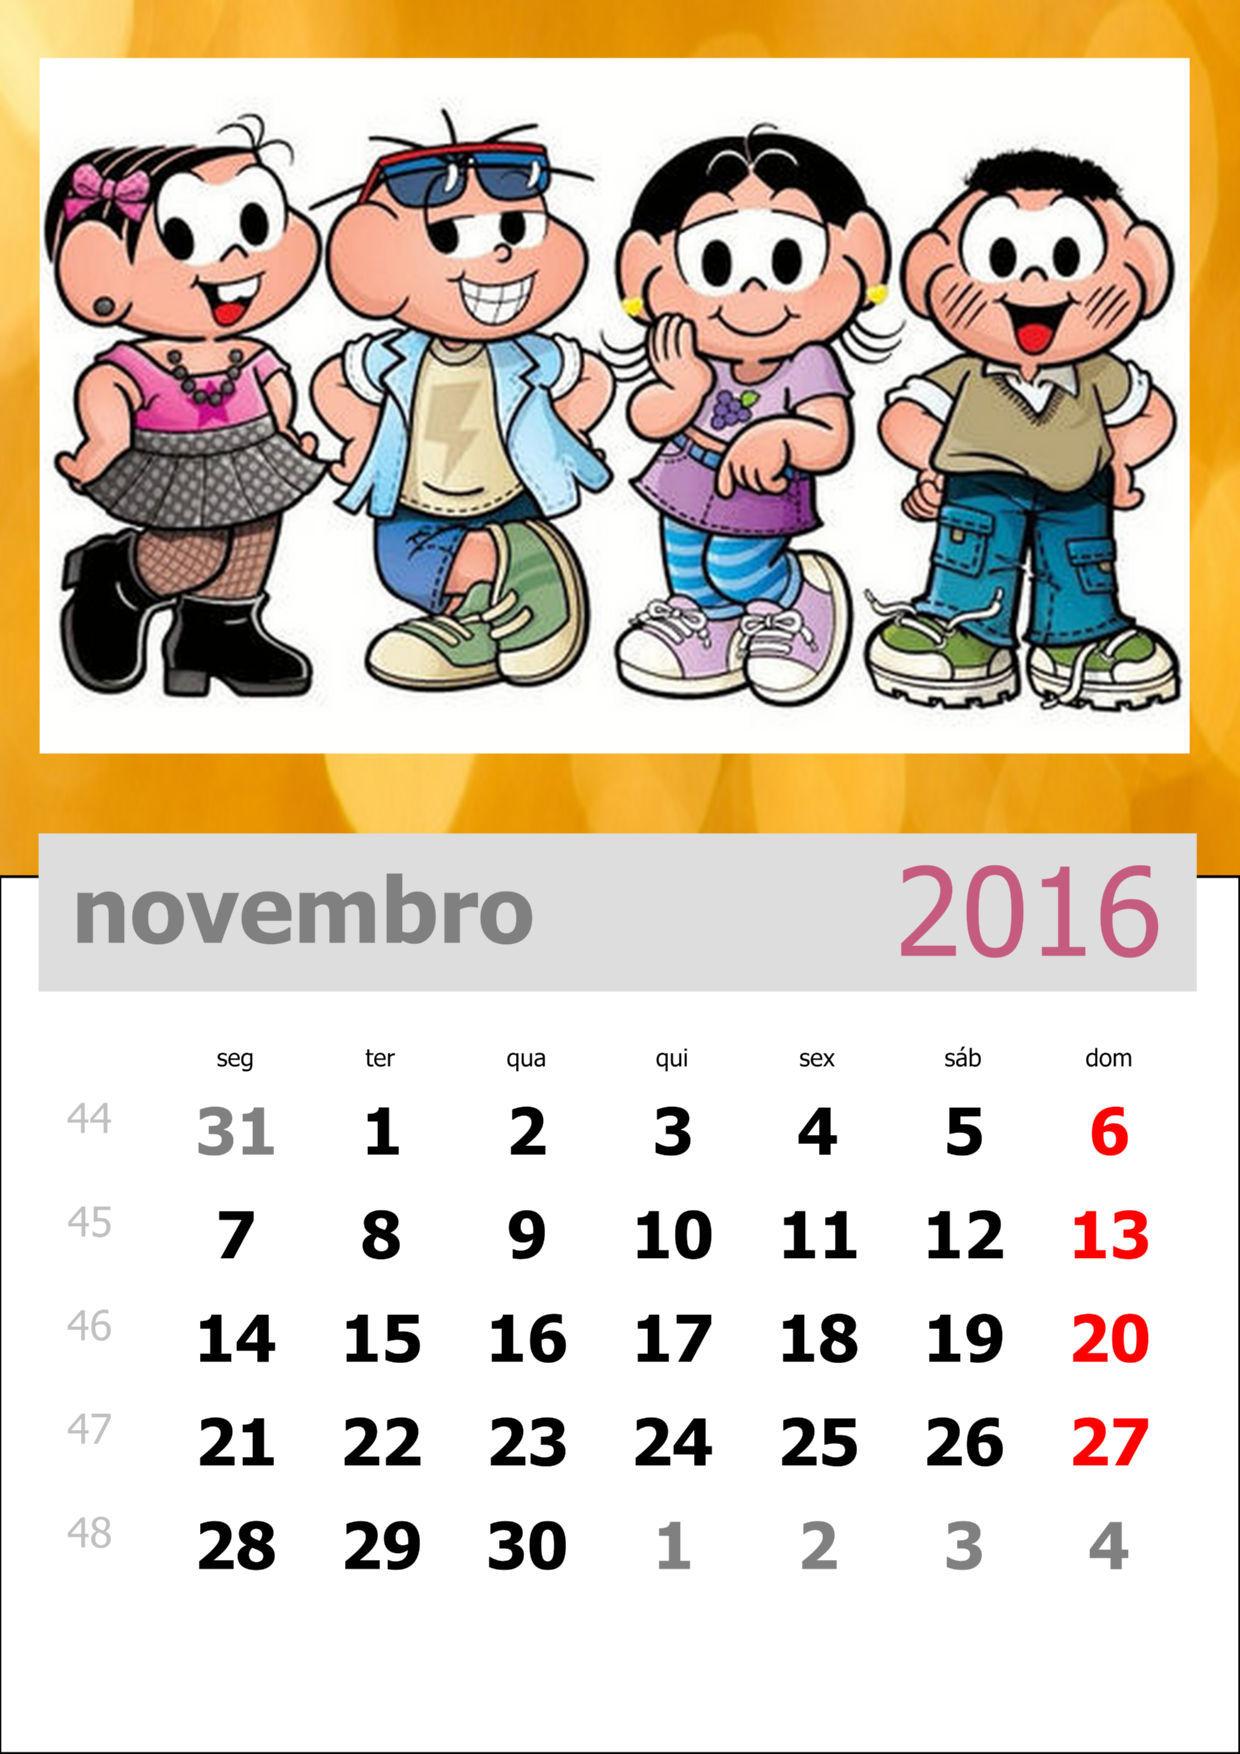 Calend rio 2016 da turma da m nica para imprimir for Calendario ferias